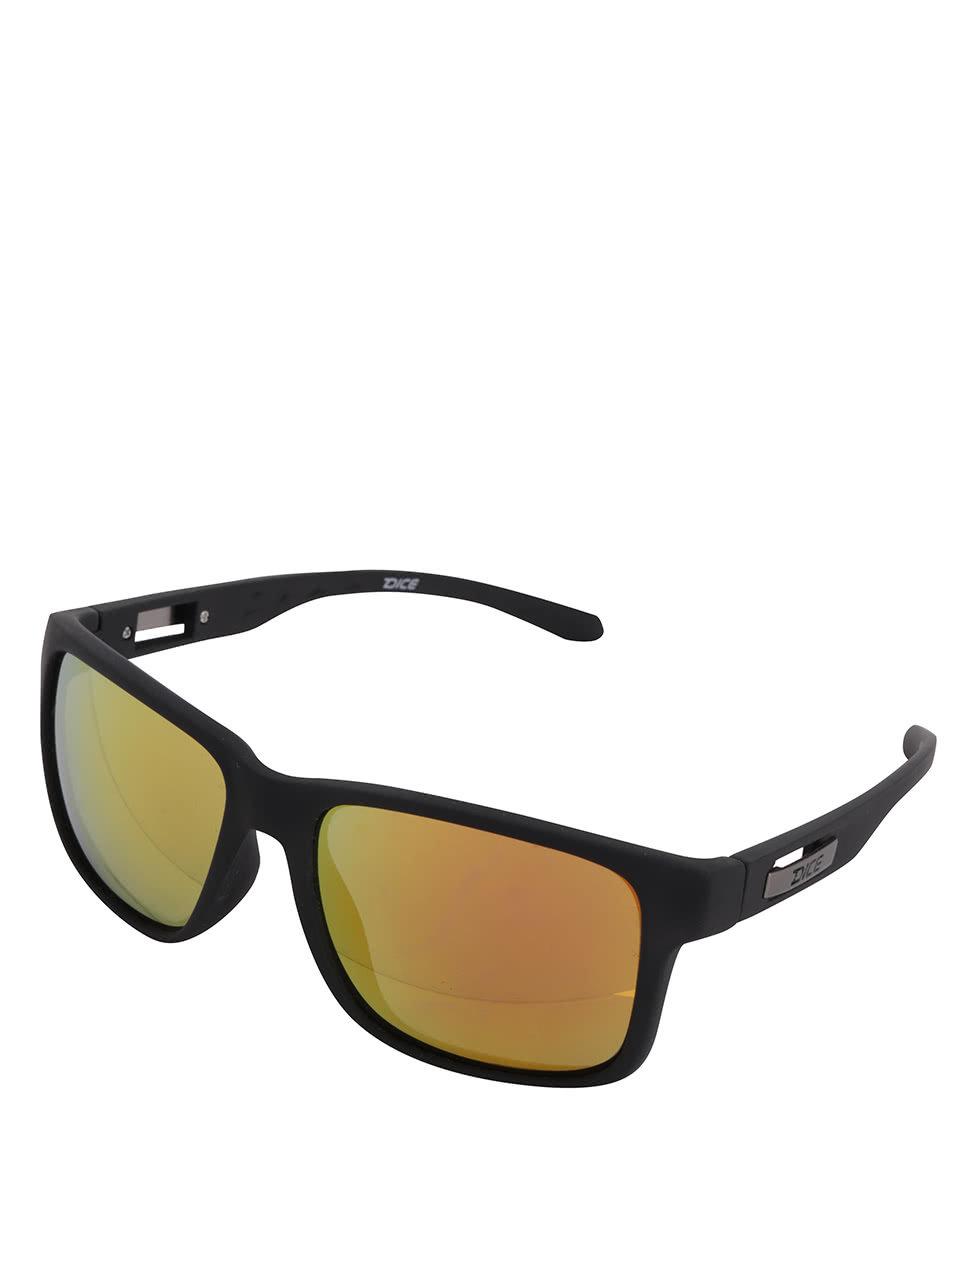 a4914c95a Tmavohnedé pánske slnečné okuliare so žltými sklami Dice | ZOOT.sk